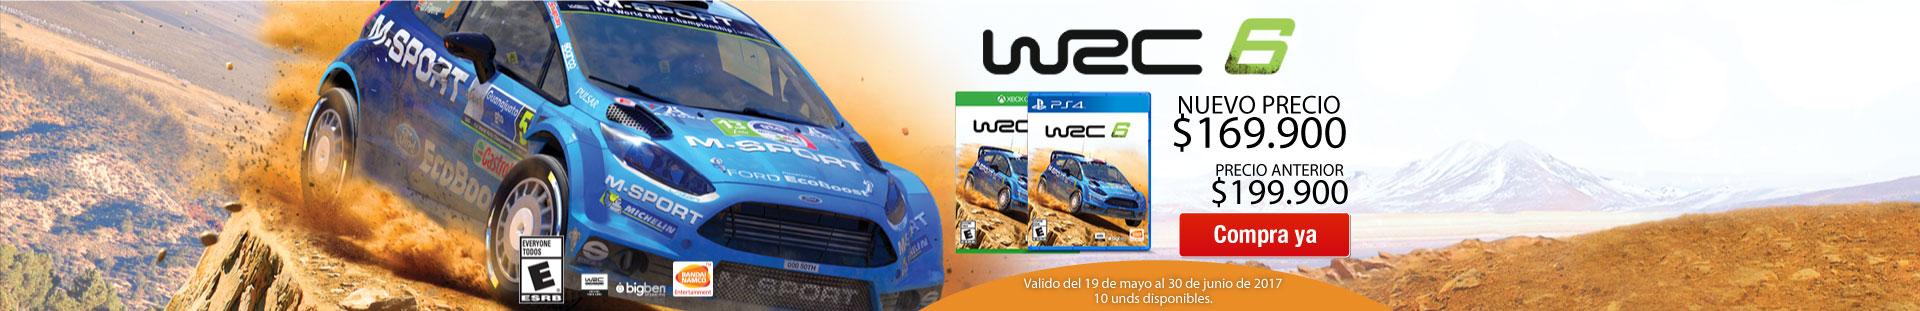 WRC 6 en descuentos